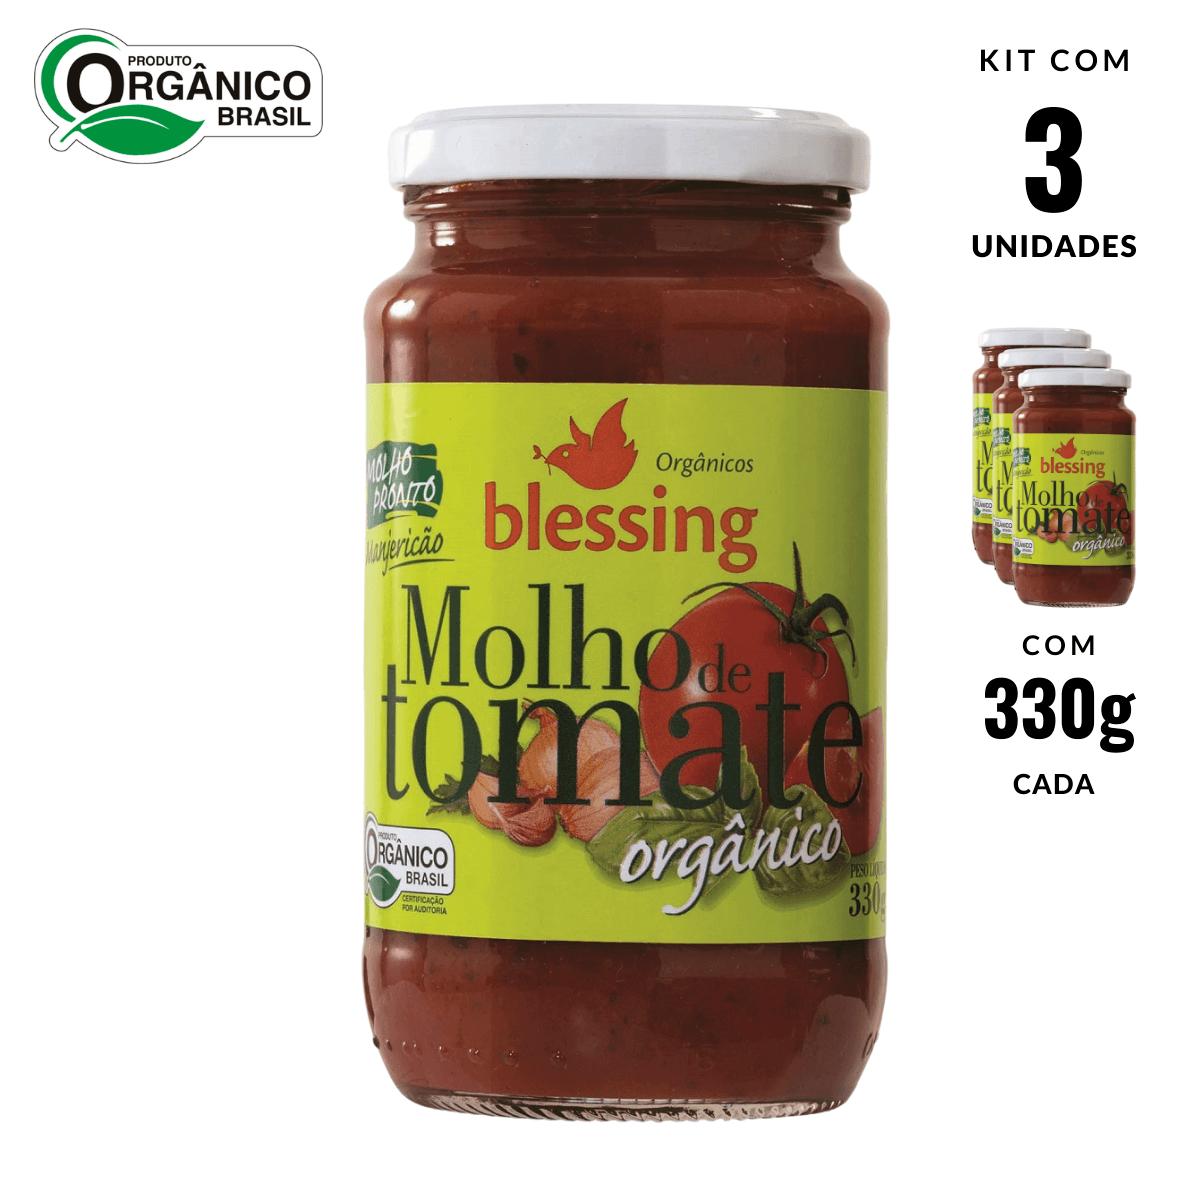 Molho de Tomate Orgânico c Manjericão Blessing 3und 330g cad